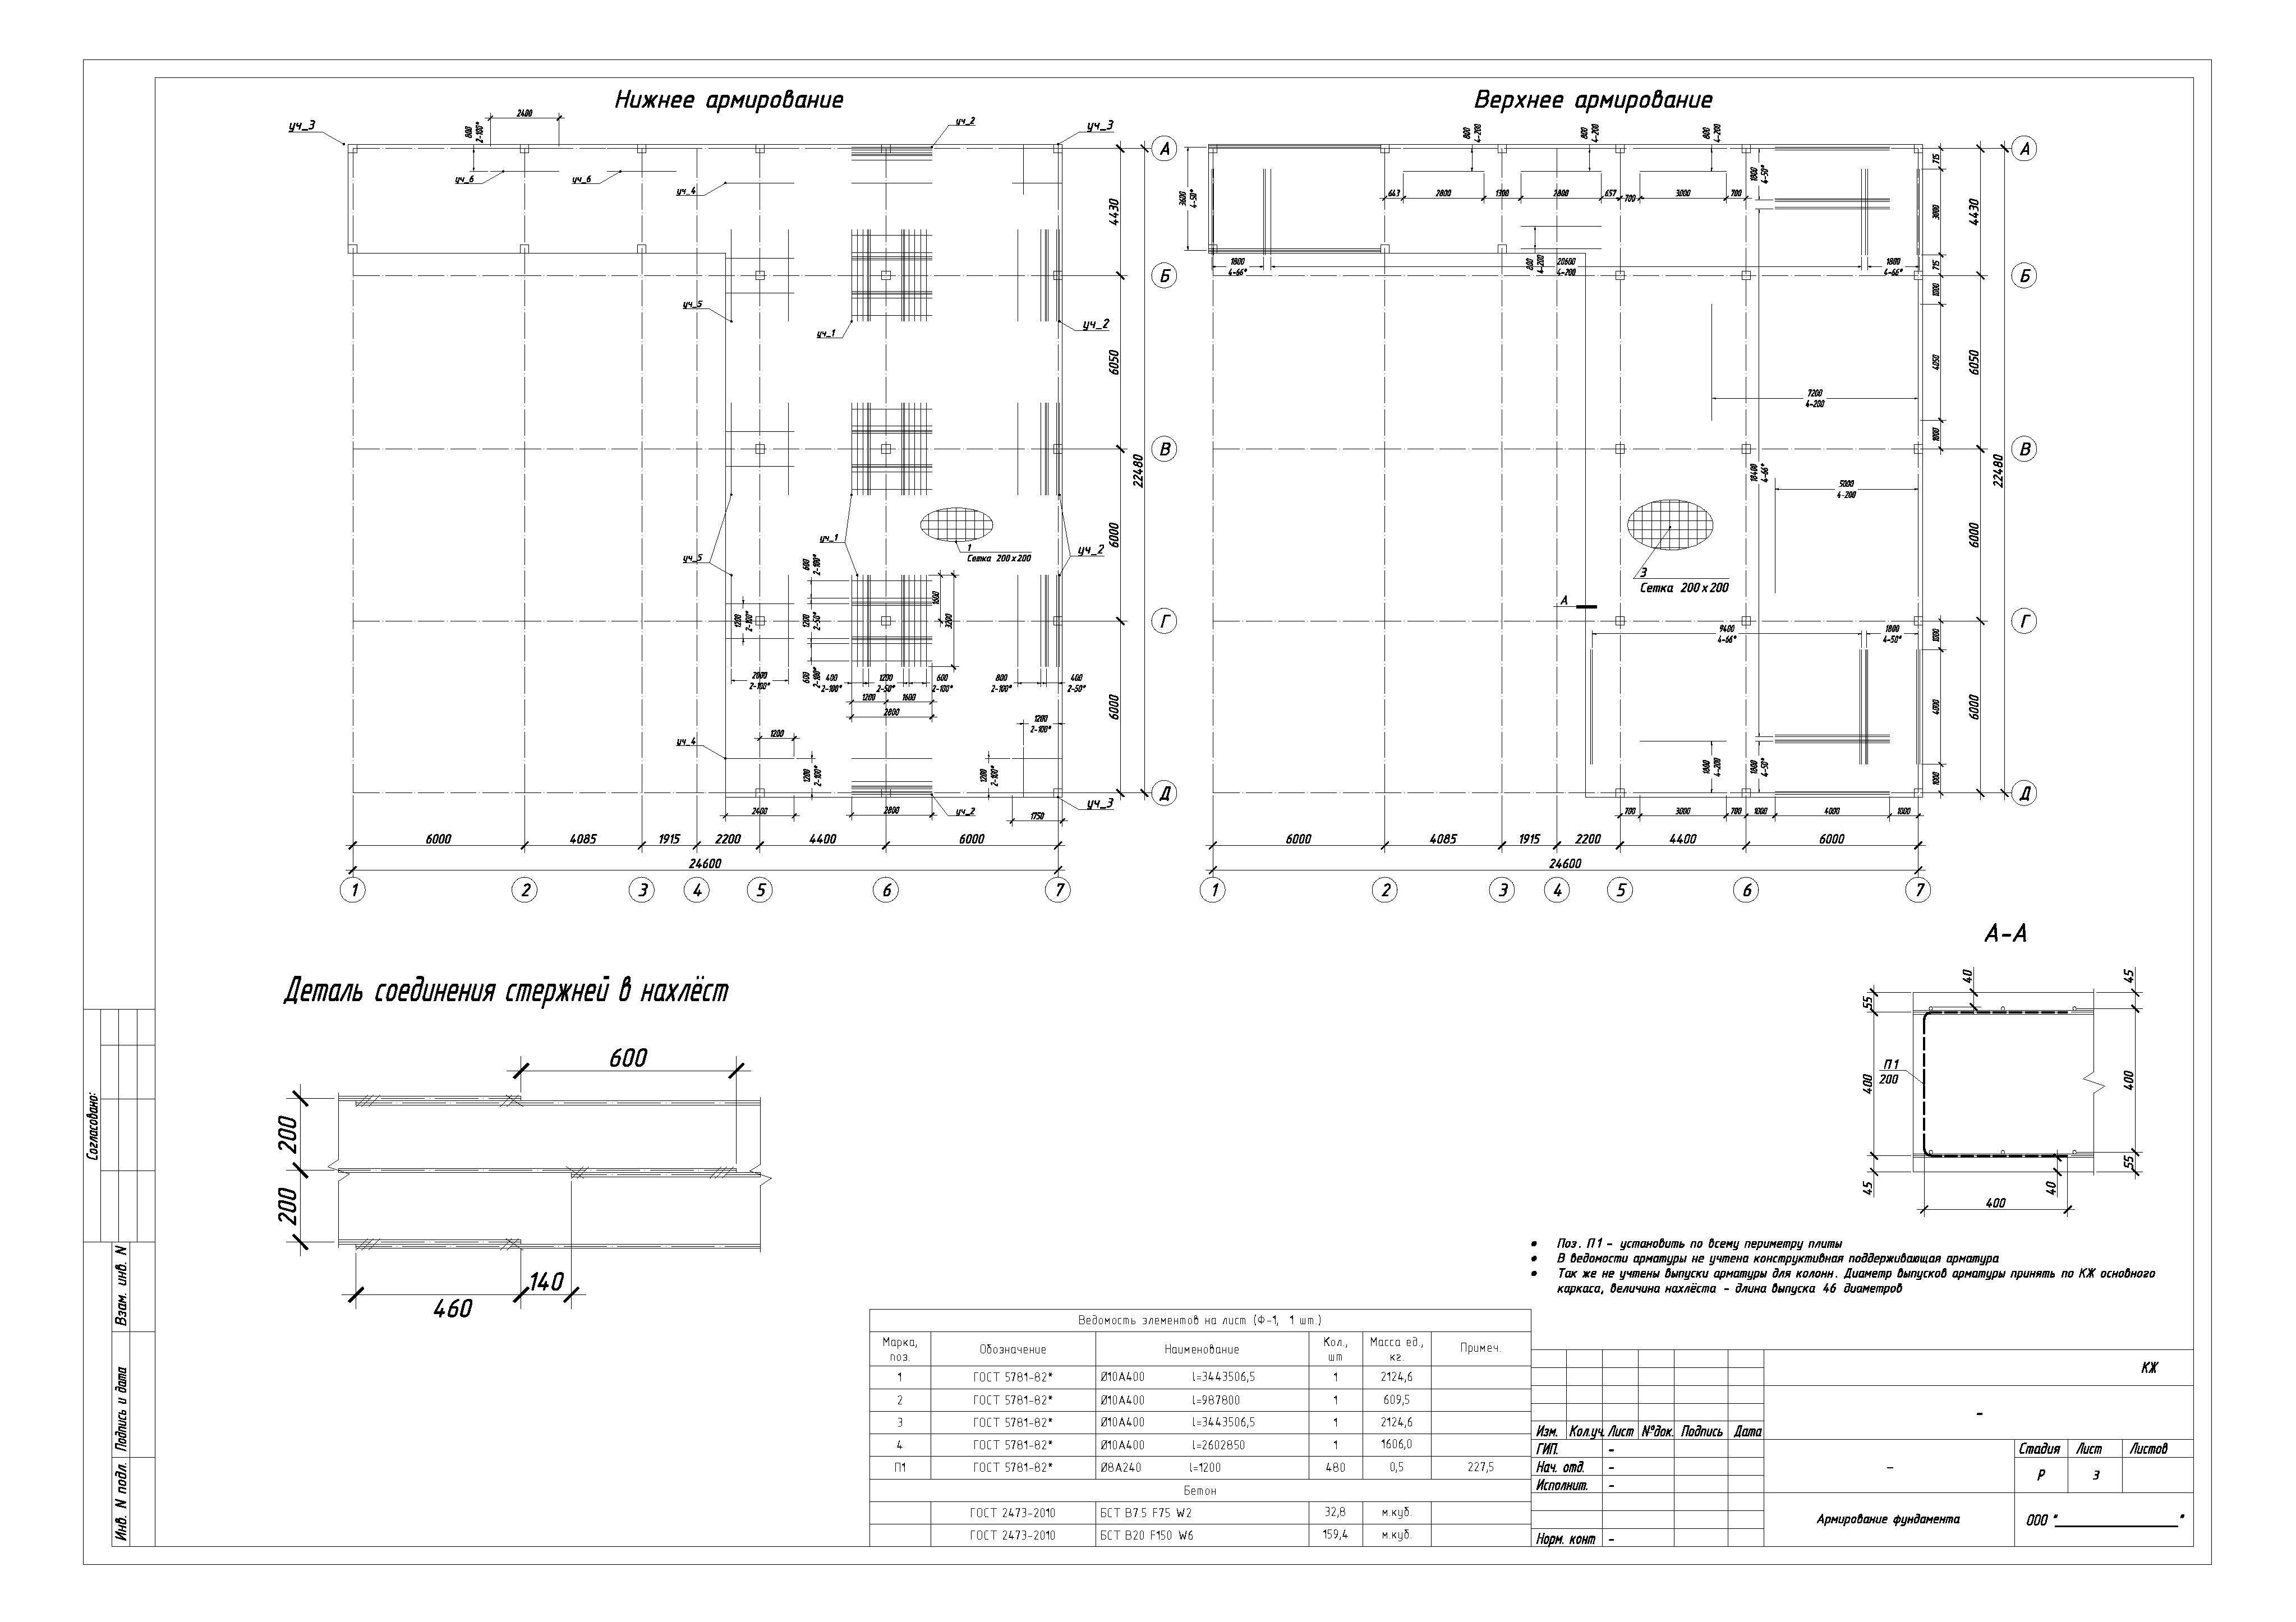 фундаментная плита чертеж